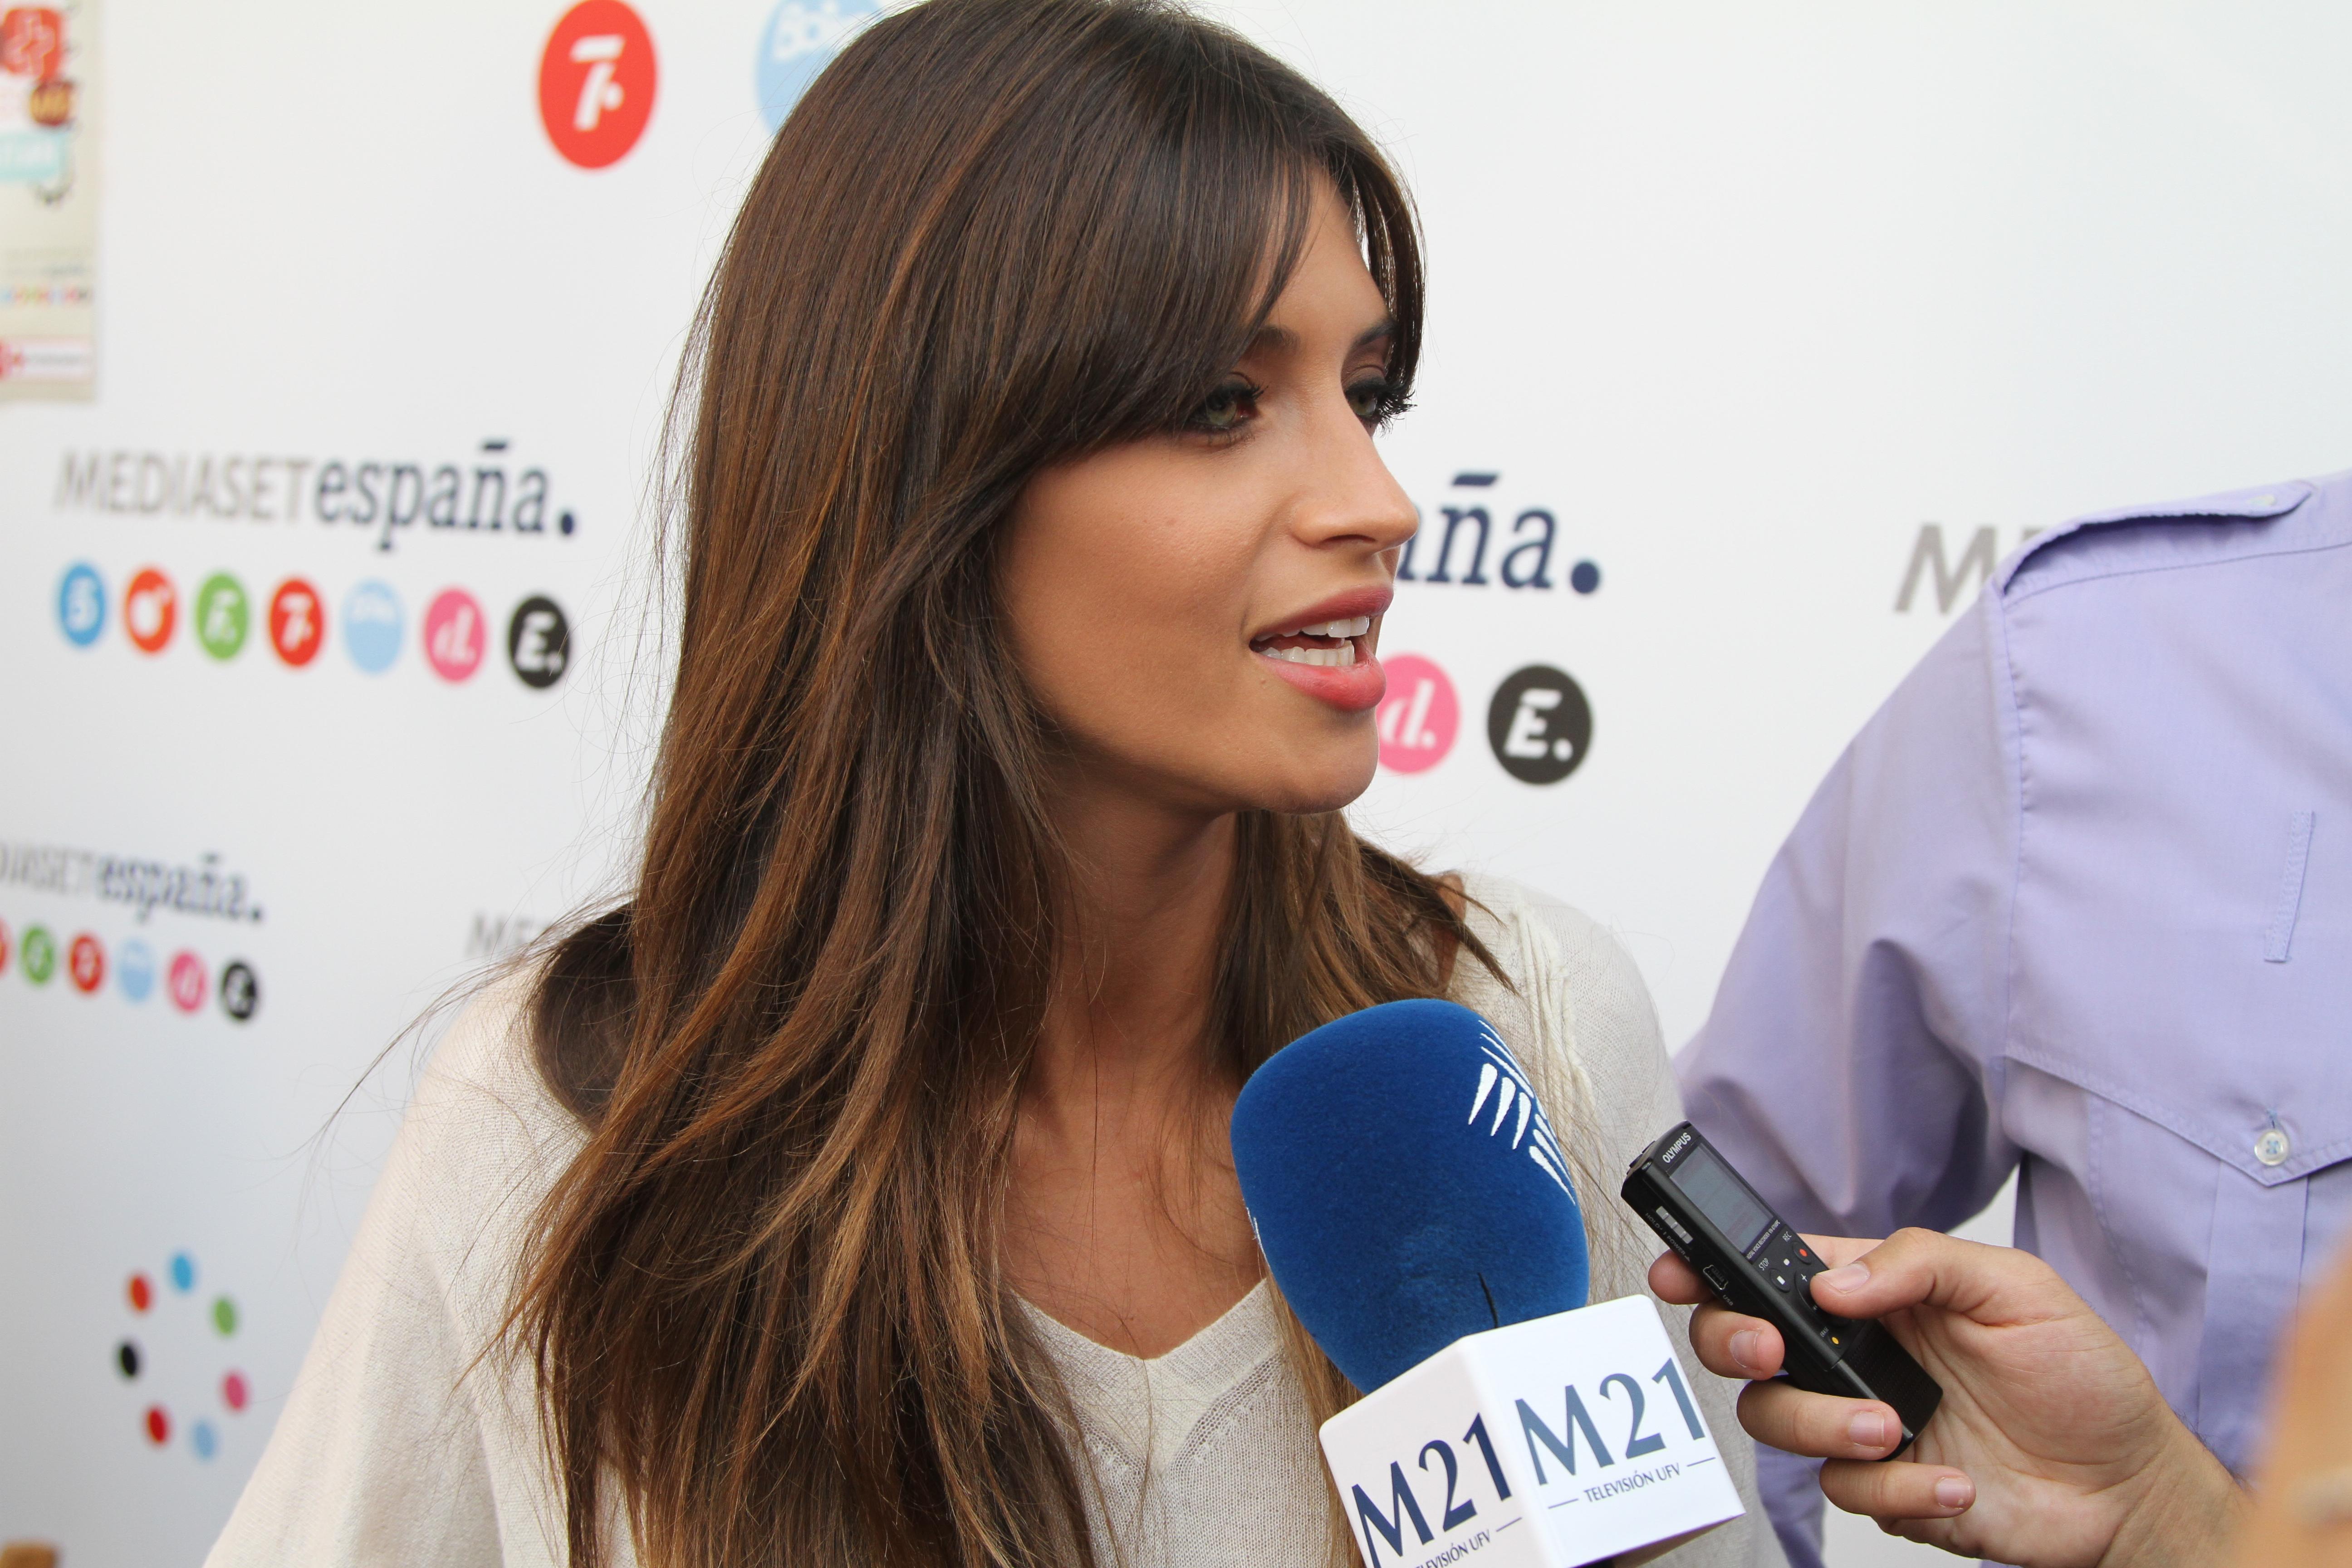 La entrevista a Sara Carbonero - 5184x3456